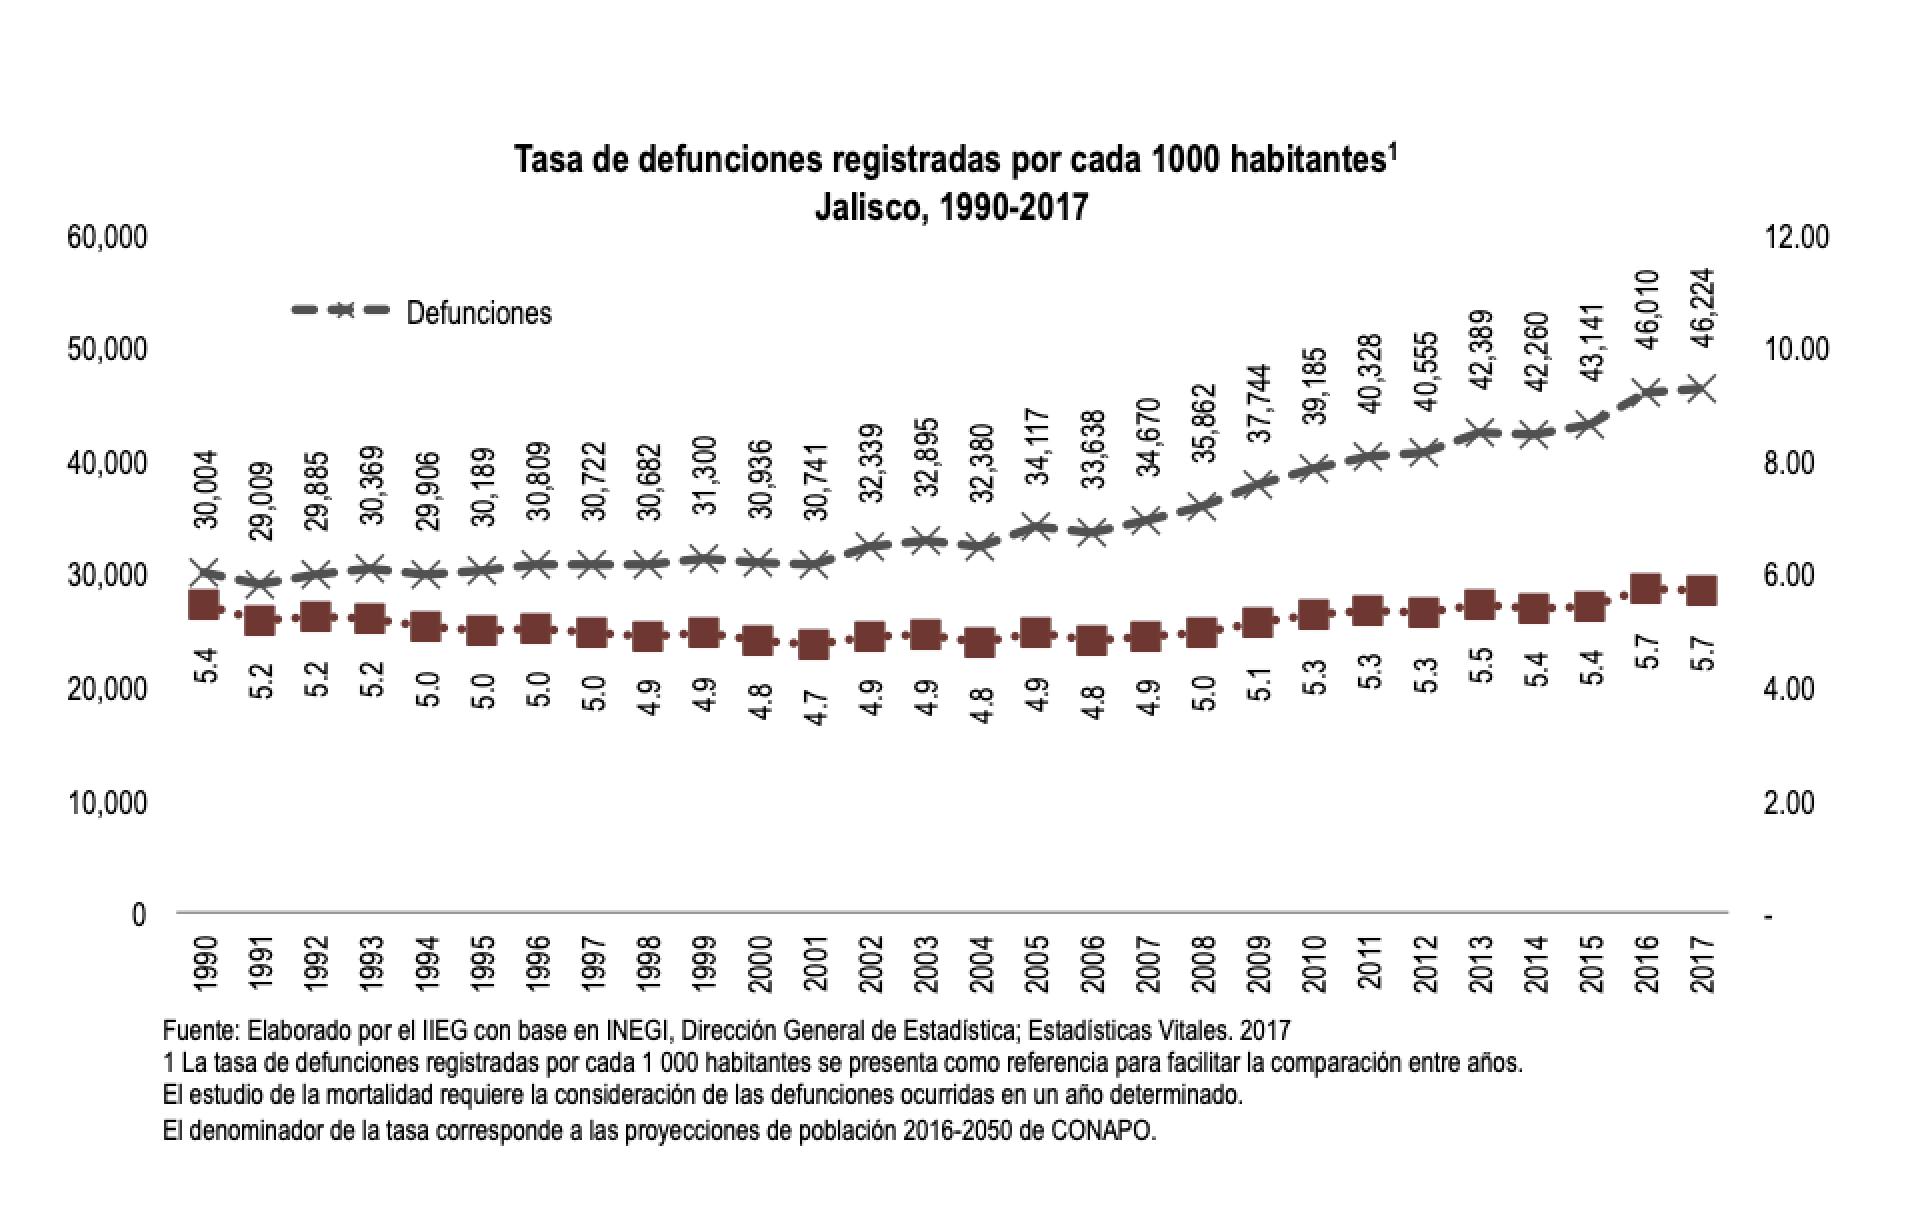 Tasa de defunciones registradas por cada 1,000 habitantes en Jalisco 1990-2017